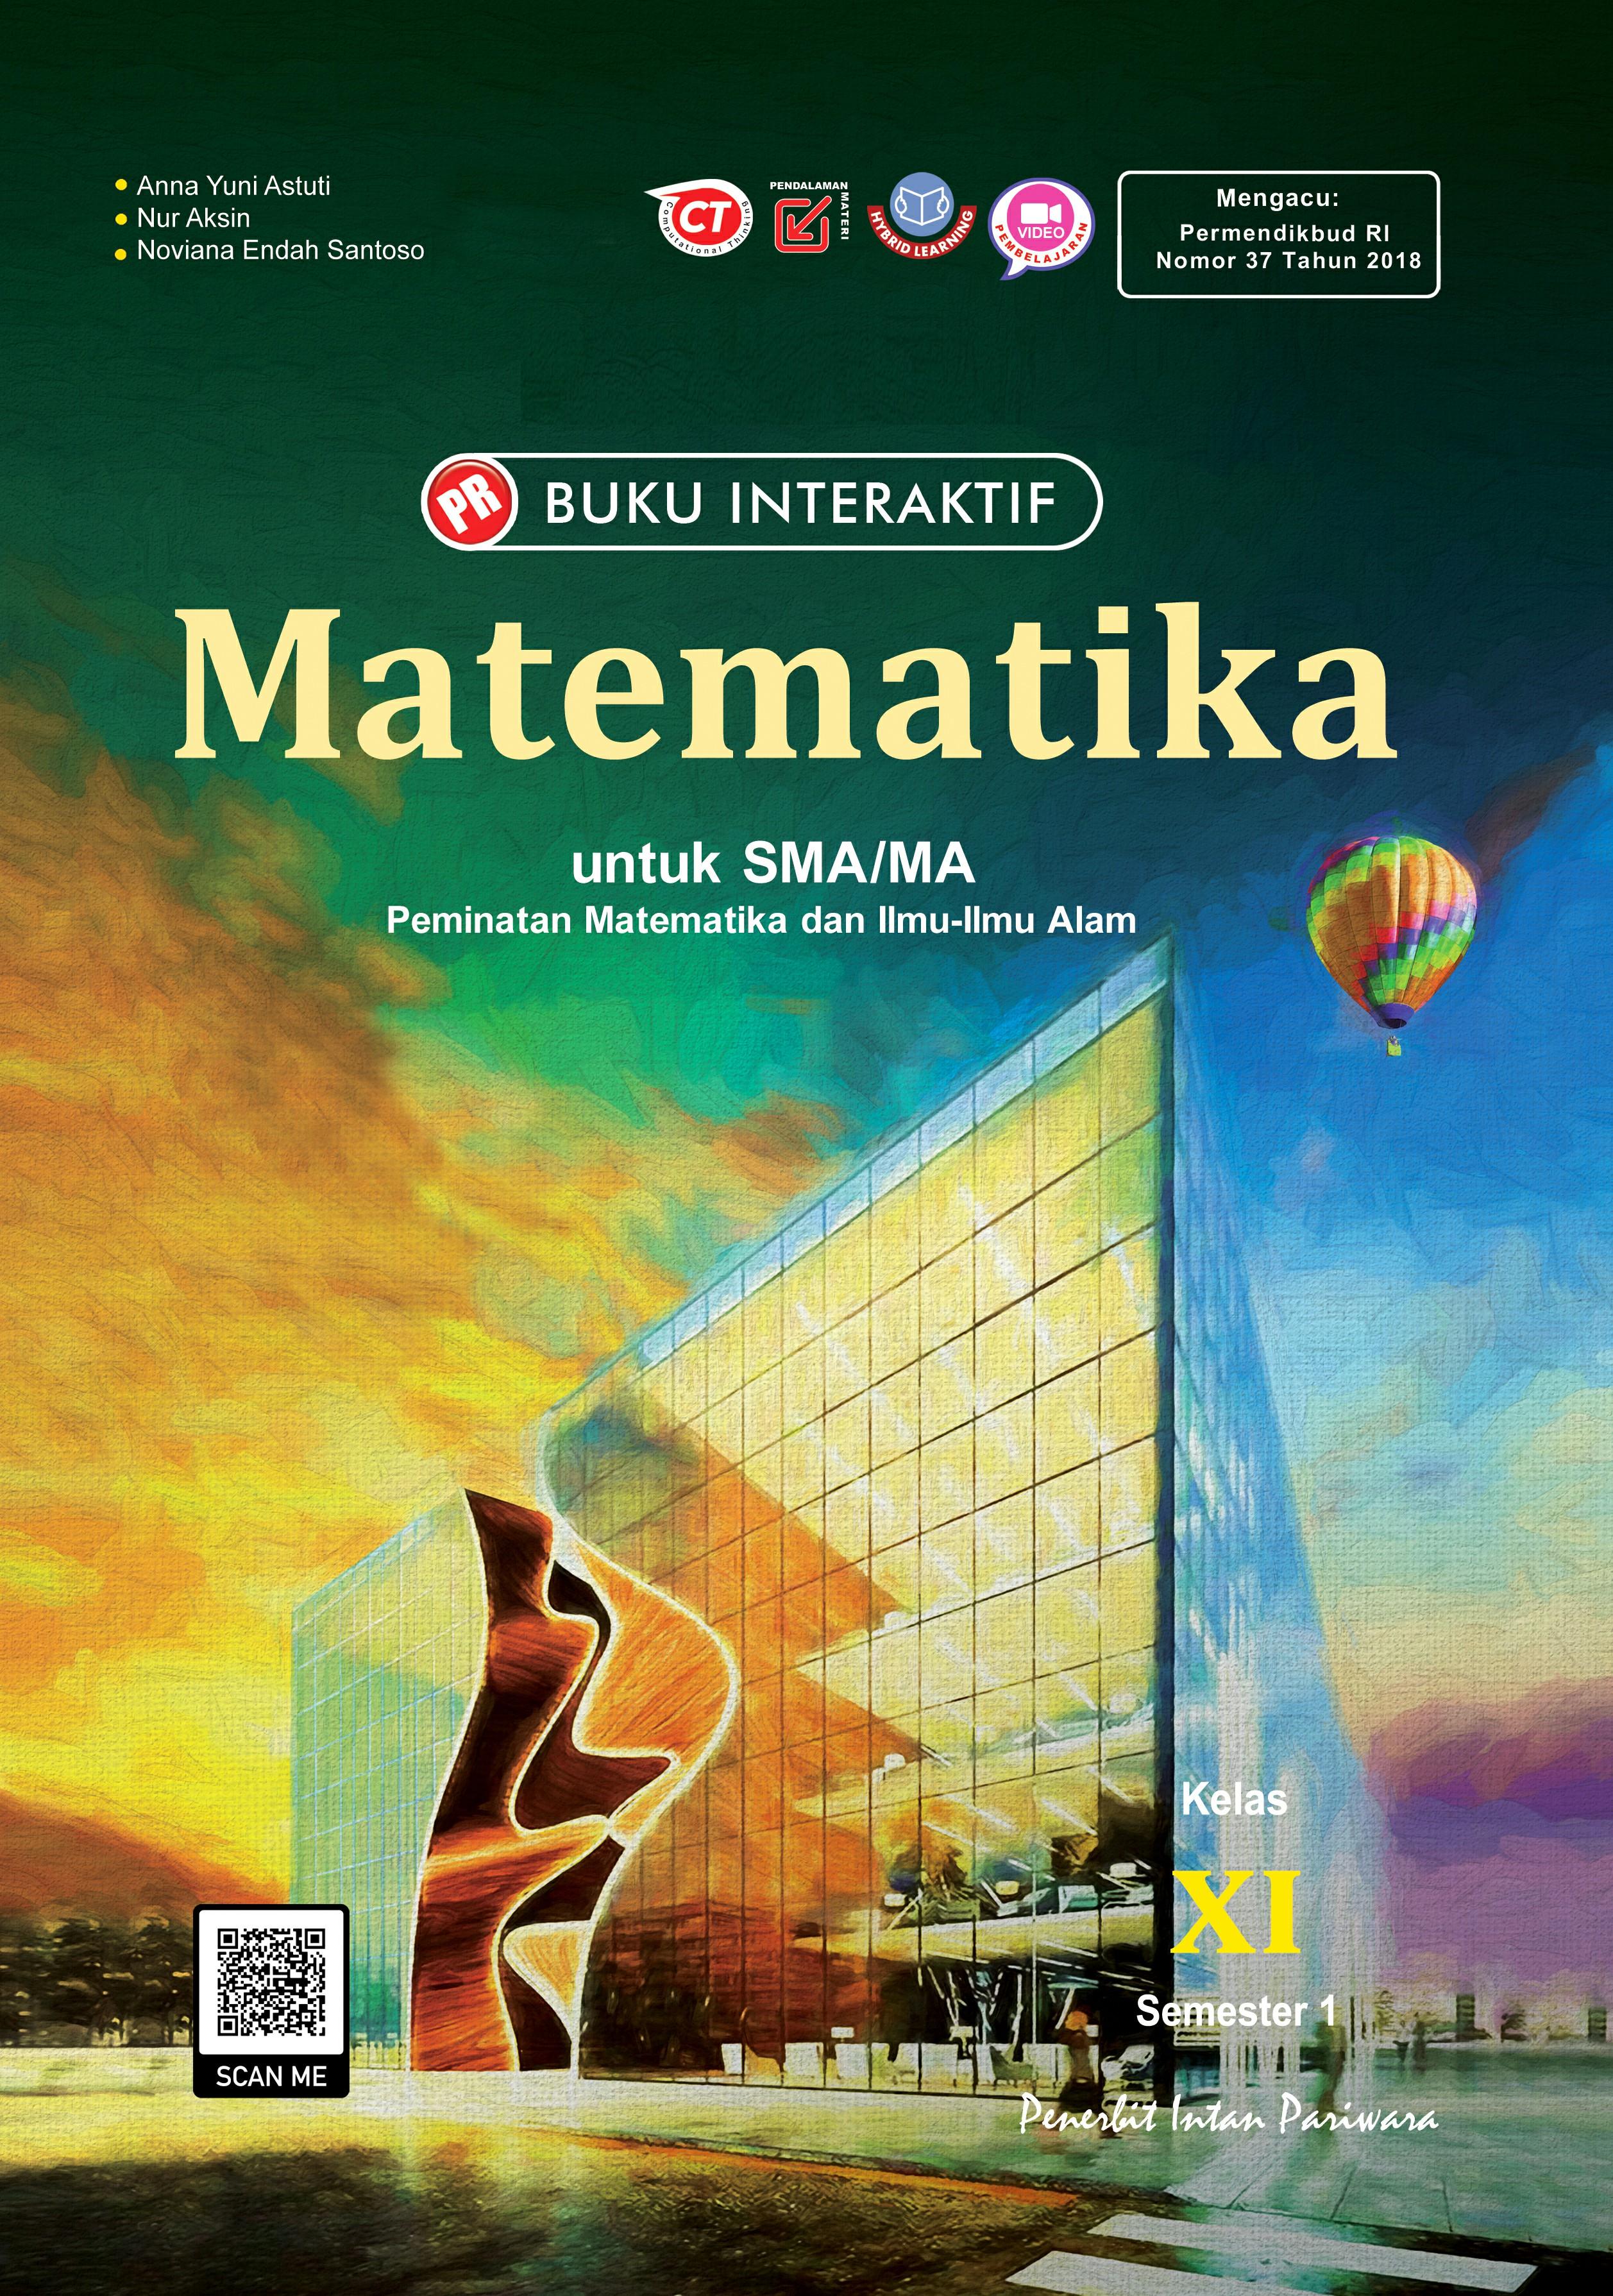 Buku Interaktif Matematika Peminatan XI Semester 1